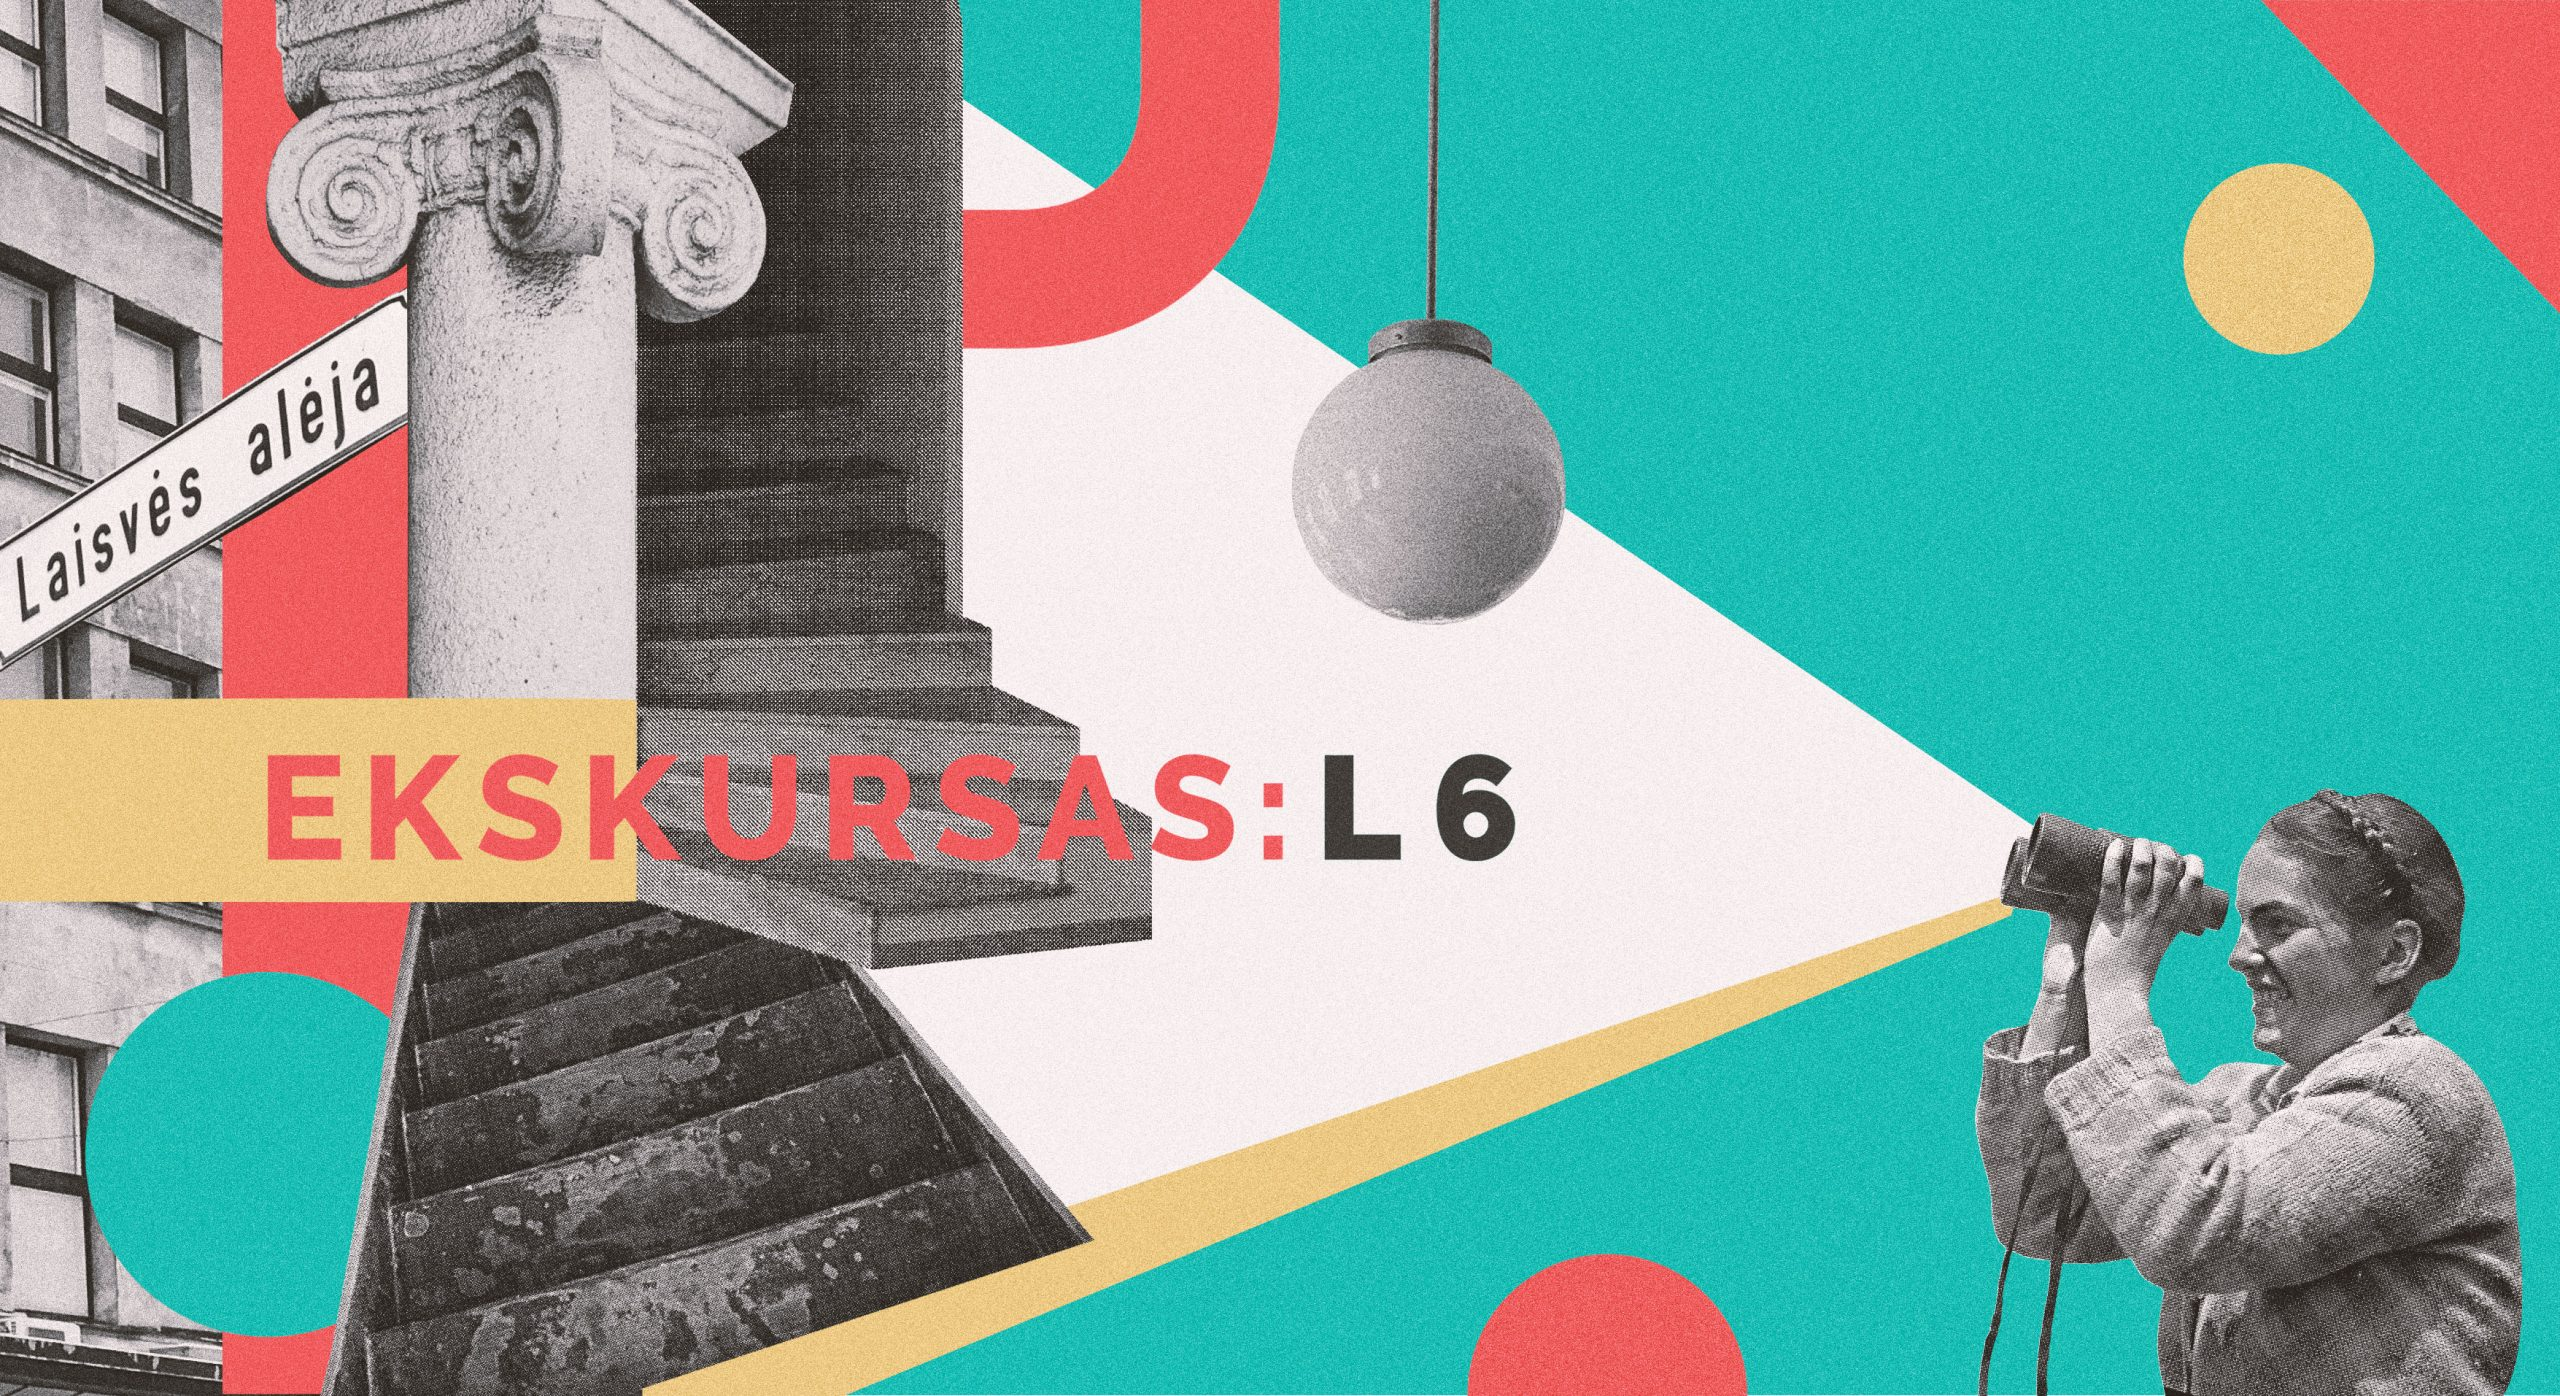 Liepos 6-oji [L6] ekskursijų festivalis – grįžta!